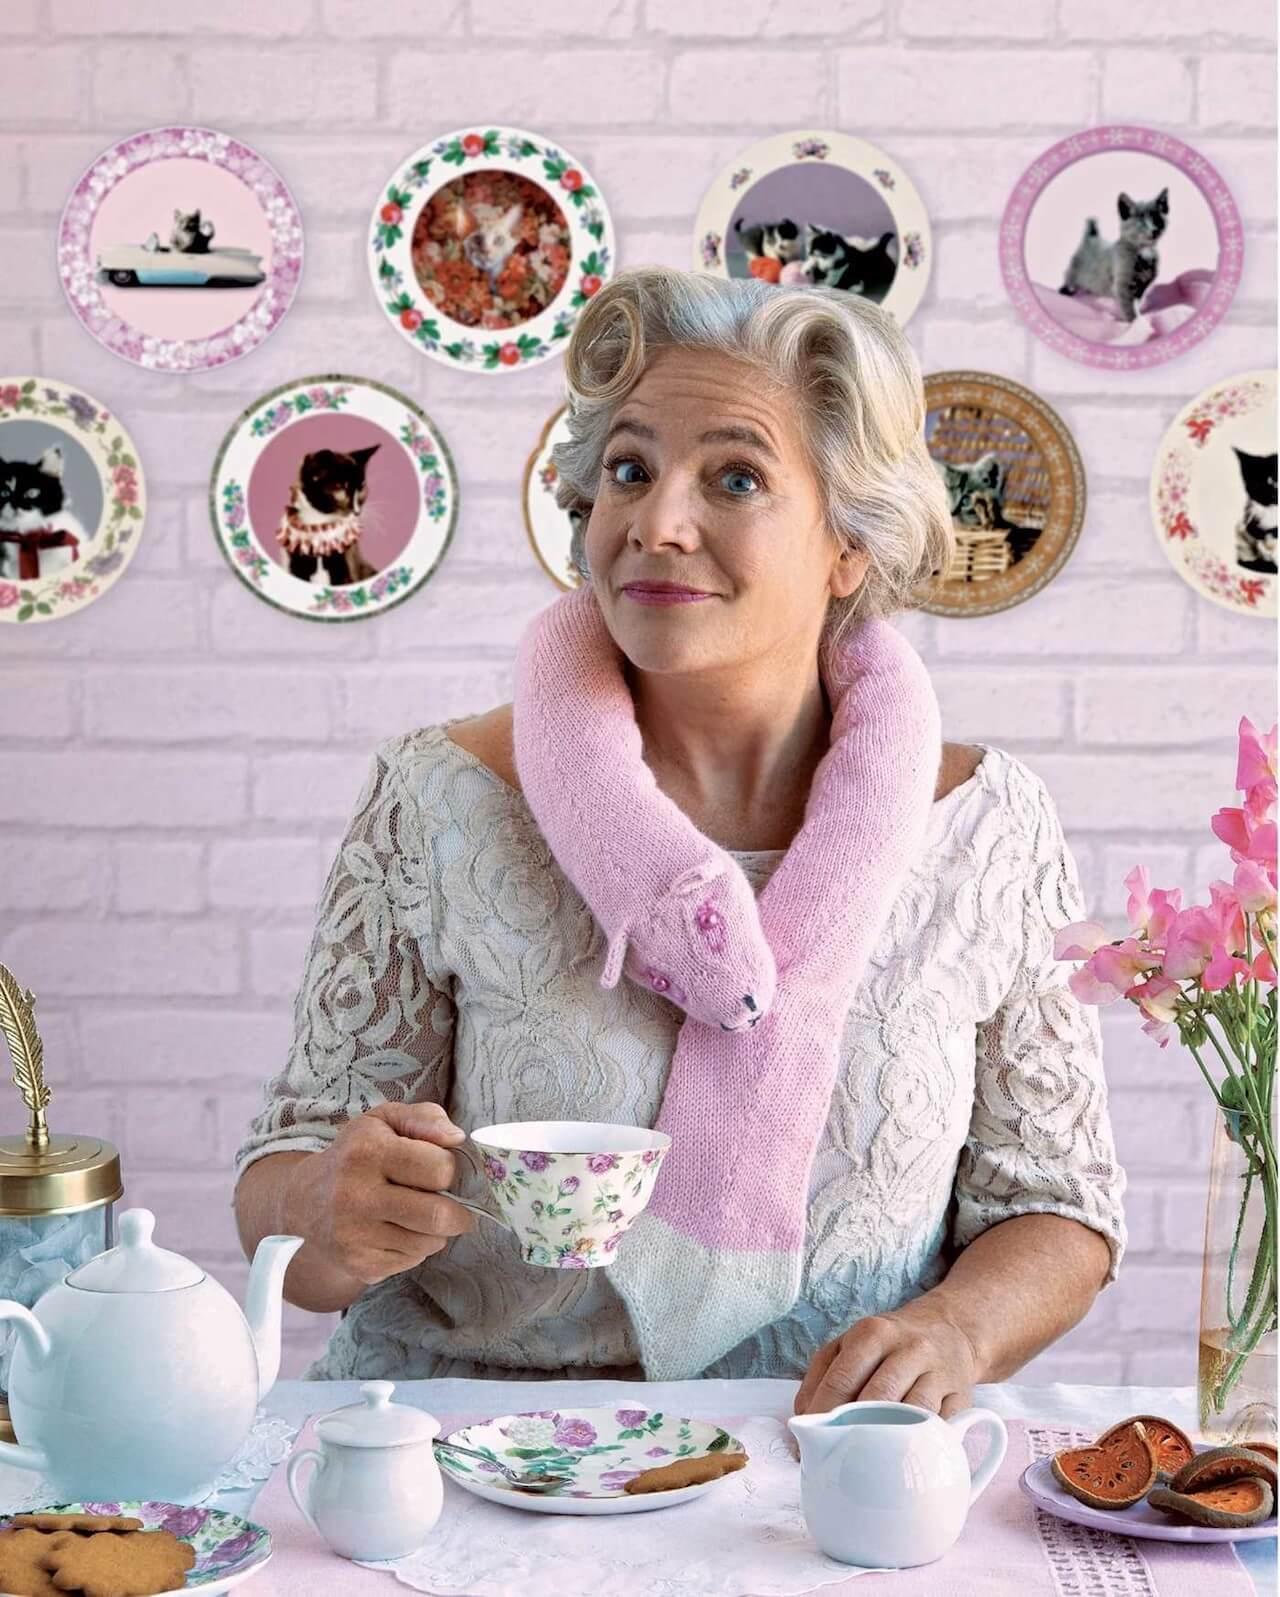 【超可愛い】ハリー・ポッターの公式編み物本が来年1月に発売 life-fashio191030-harry-potter-knitting-magic-3